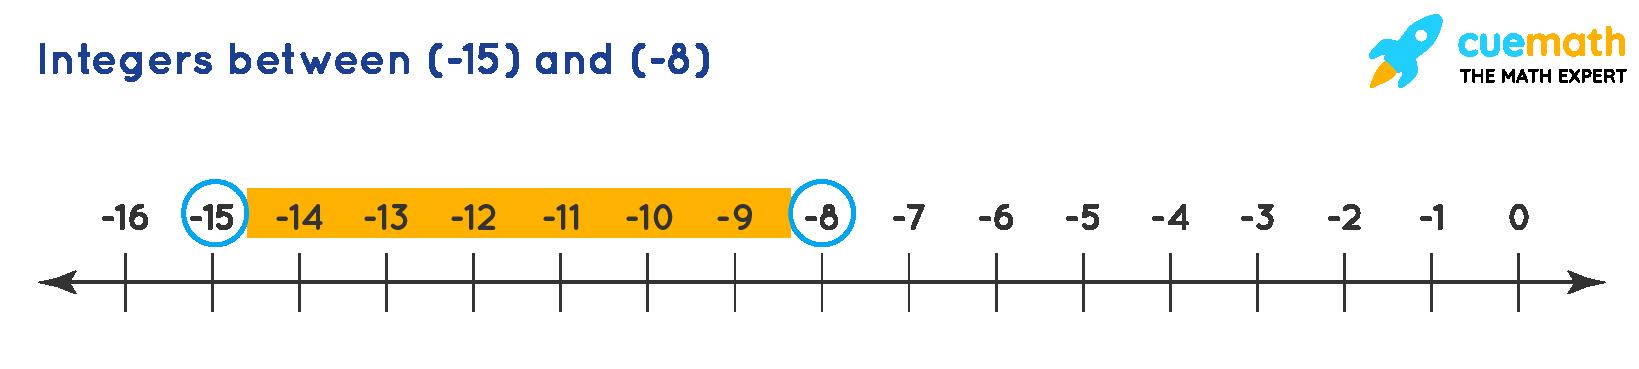 integersbetween -15 and -8